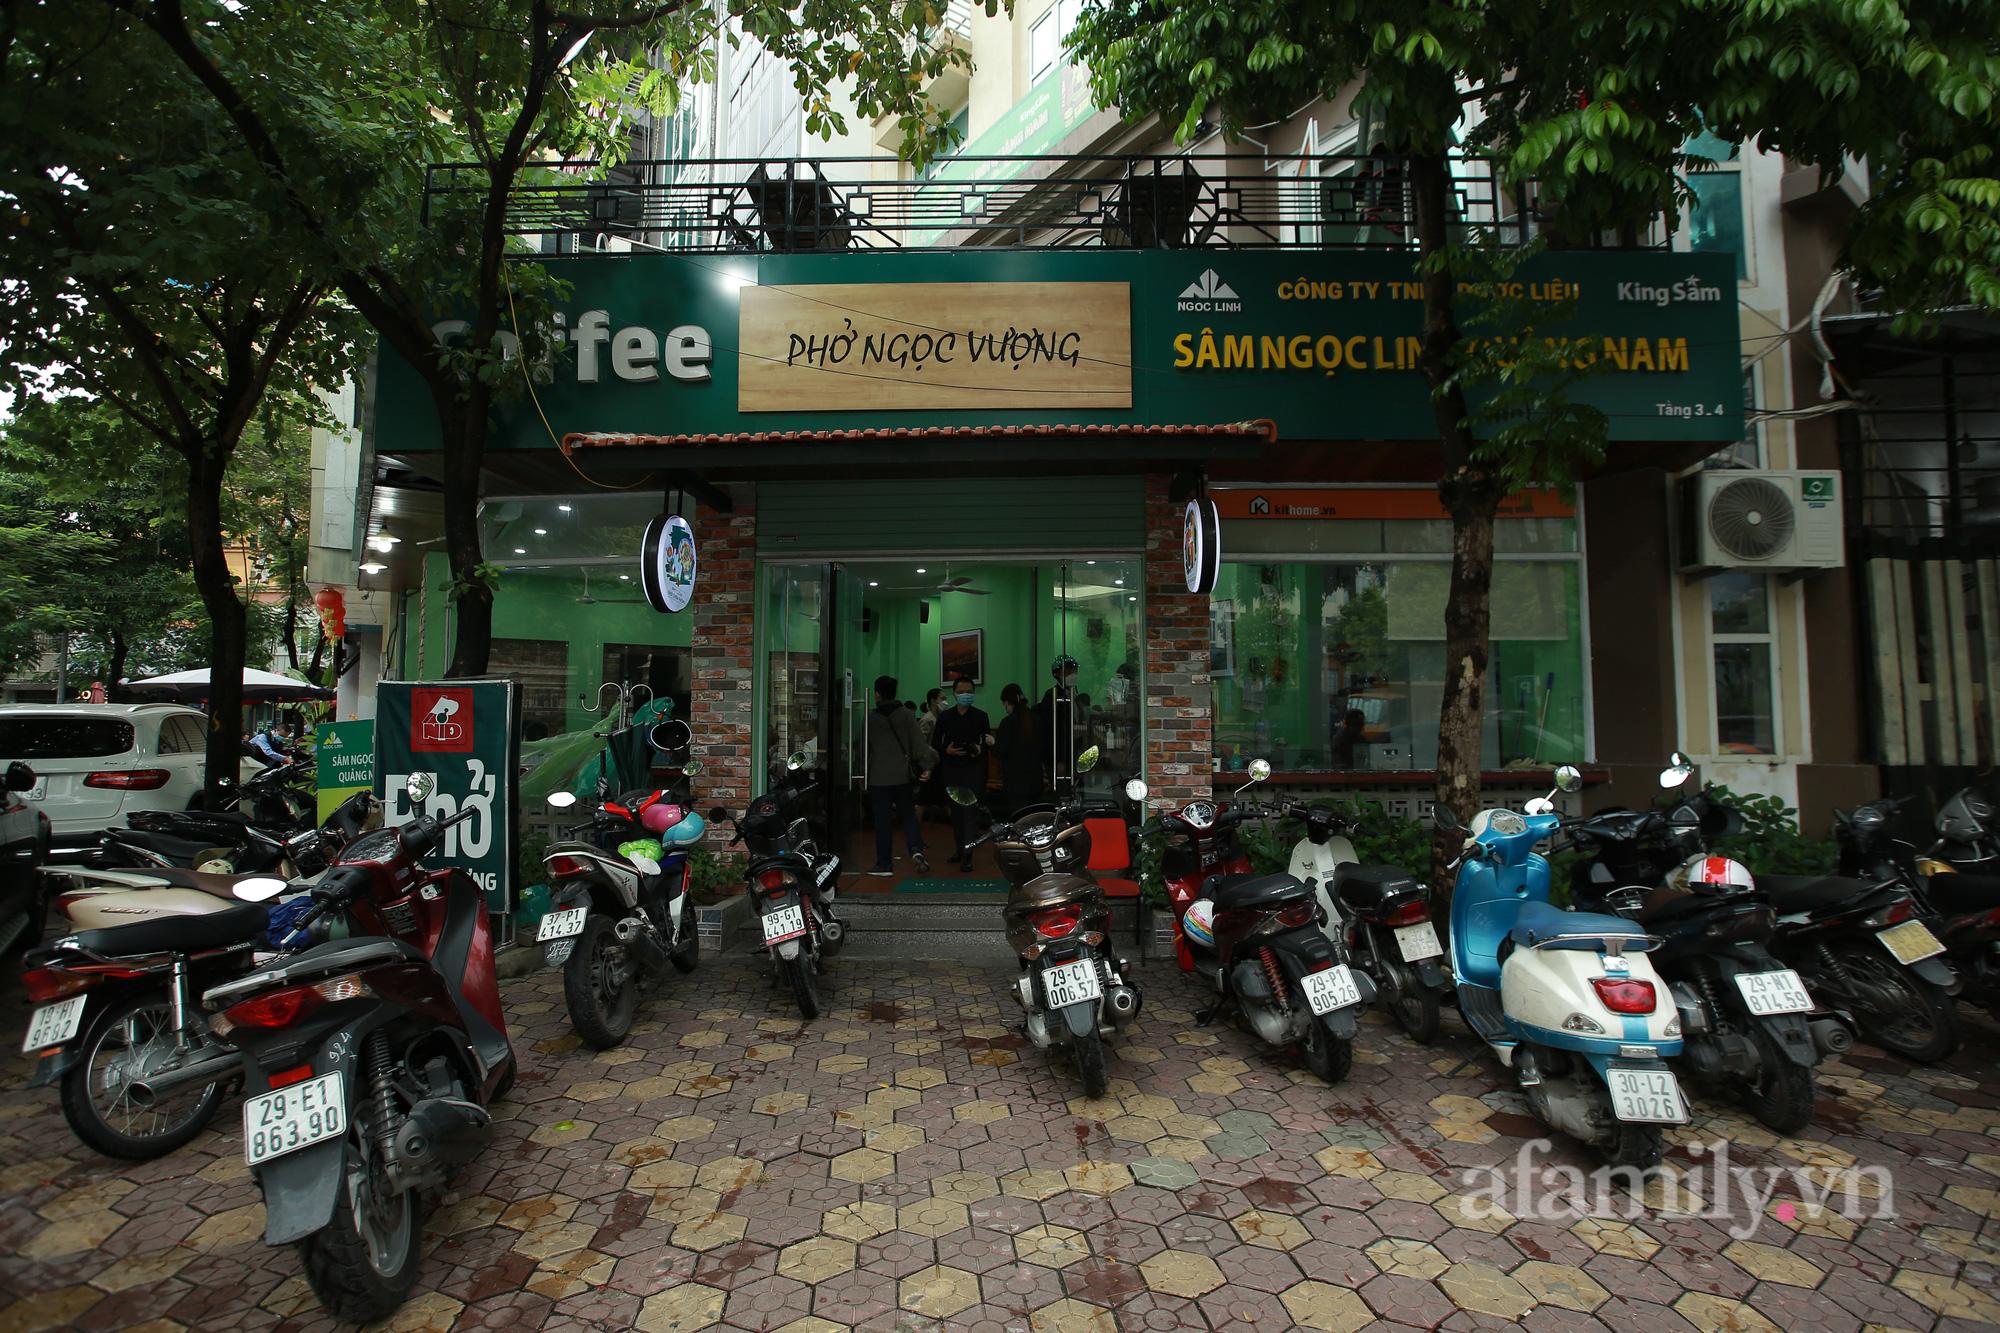 Người Hà Nội hồ hởi dậy sớm đi ăn sáng, cafe khi hàng ăn, uống được mở bán tại chỗ - Ảnh 1.